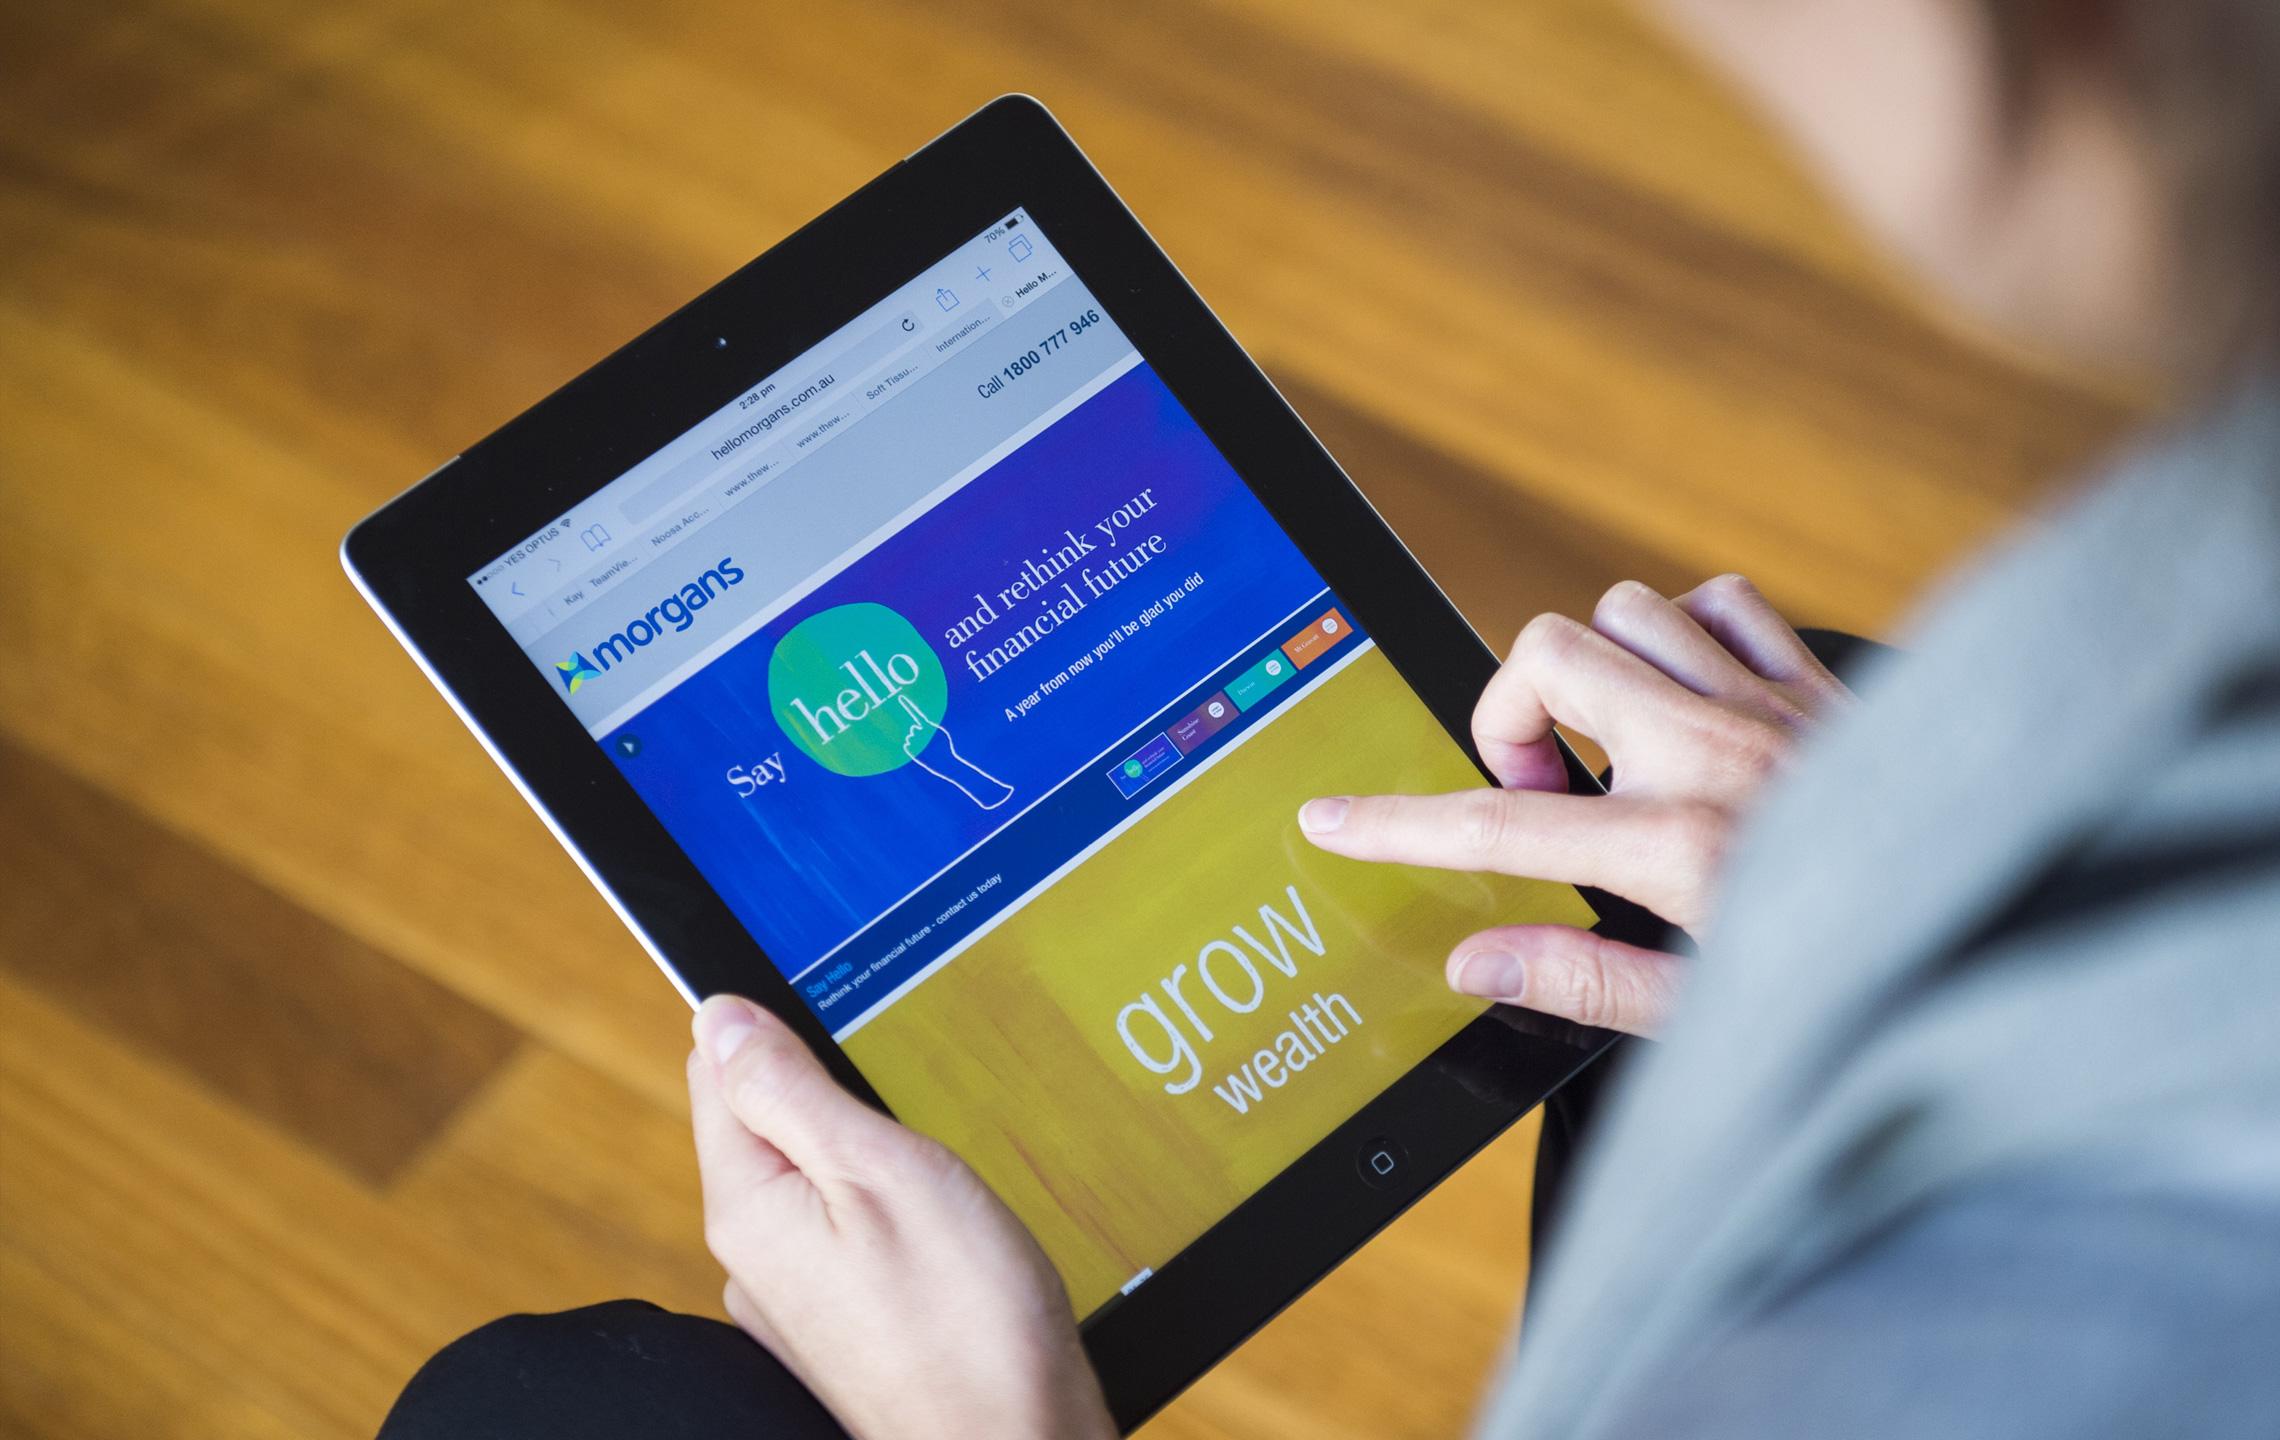 Morgans tablet app